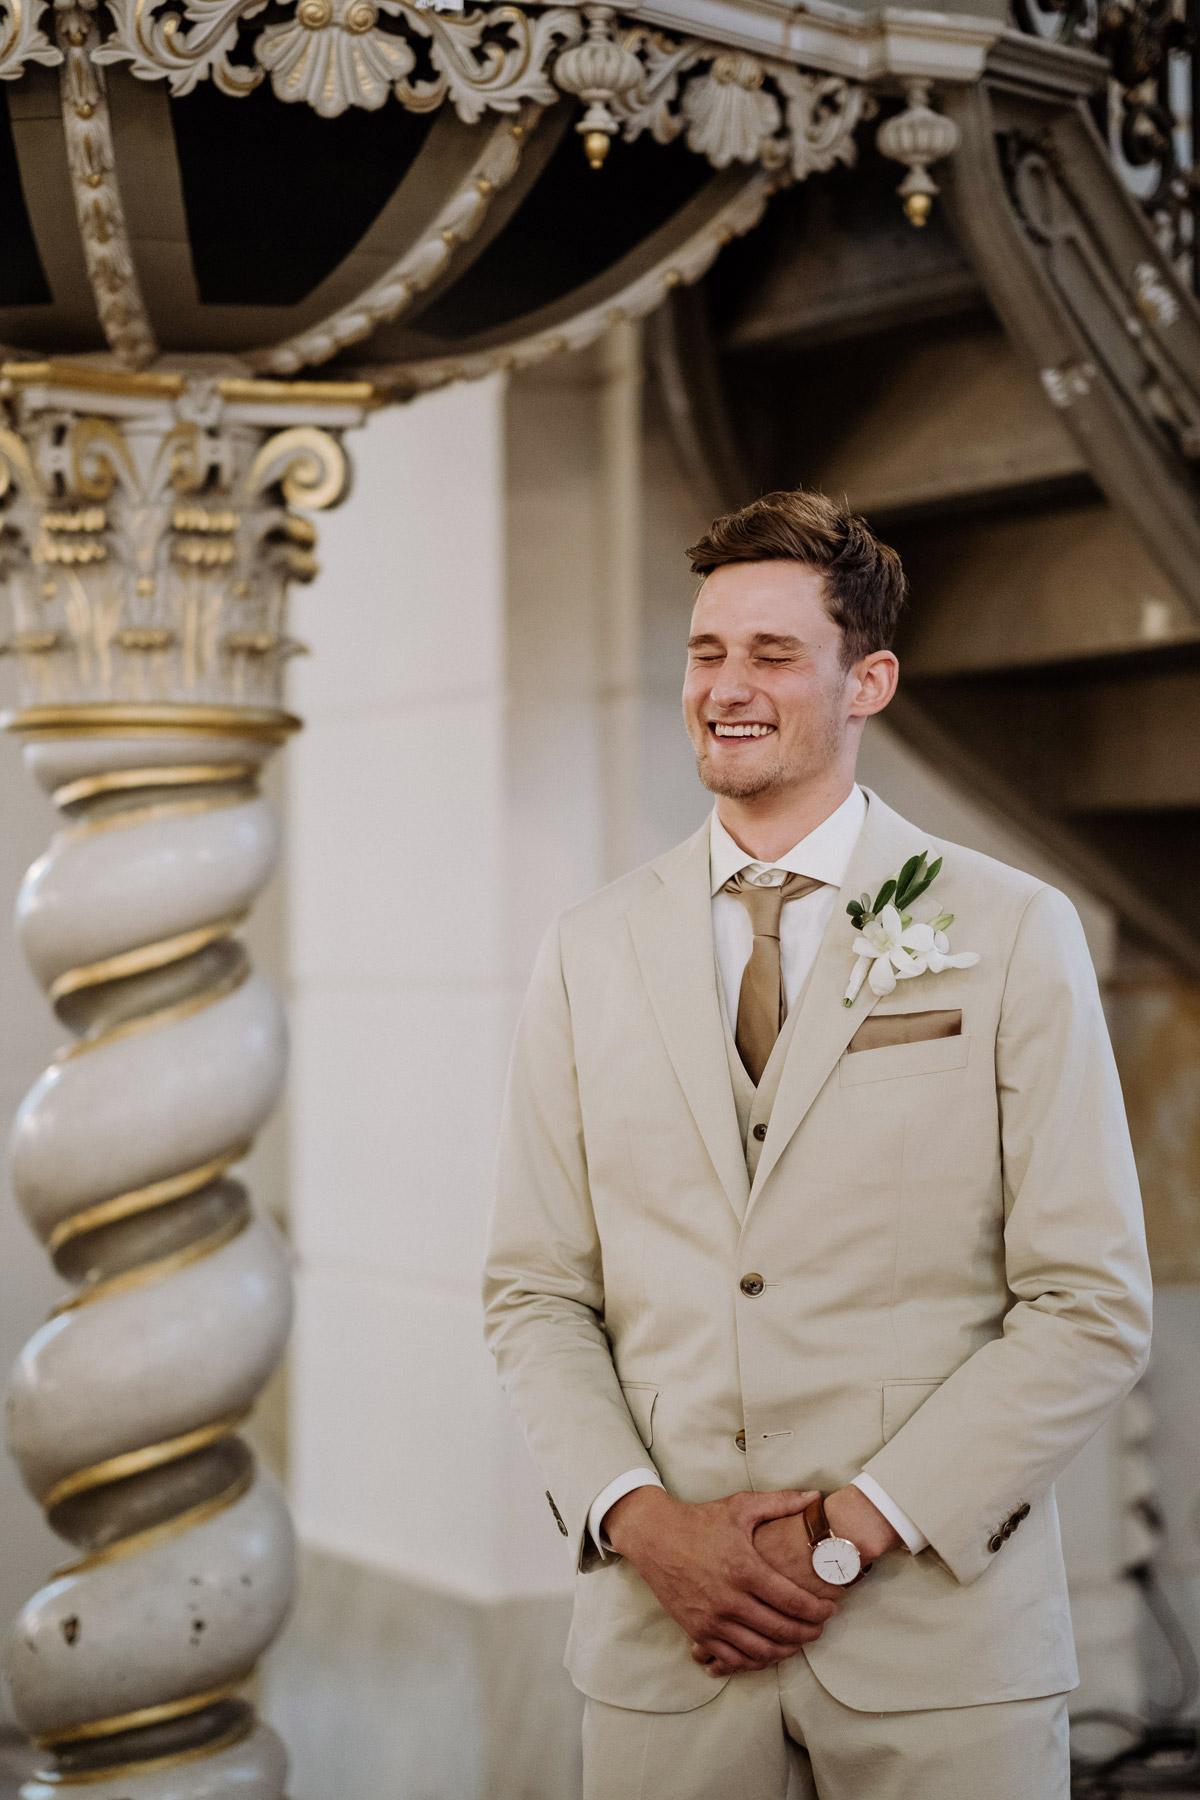 Hochzeitsmoment Reaktion Bräutigam: Stevens First Look Reaktion in der Kirche am Altar, als er mich mit meinem Brautvater das erste Mal beim Einzug sah, war unfassbar süß. Uns allen stockte in der Sophienkirche Berlin der Atem und unsere Augen wurden feucht. Solche Hochzeitsmomente bleiben für die Ewigkeit unfassbar schön und wir sind unendlich dankbar für die professionellen Hochzeitsbilder von unserem Hochzeitsfilmer und der Fotografin von #hochzeitslicht © www.hochzeitslicht.de